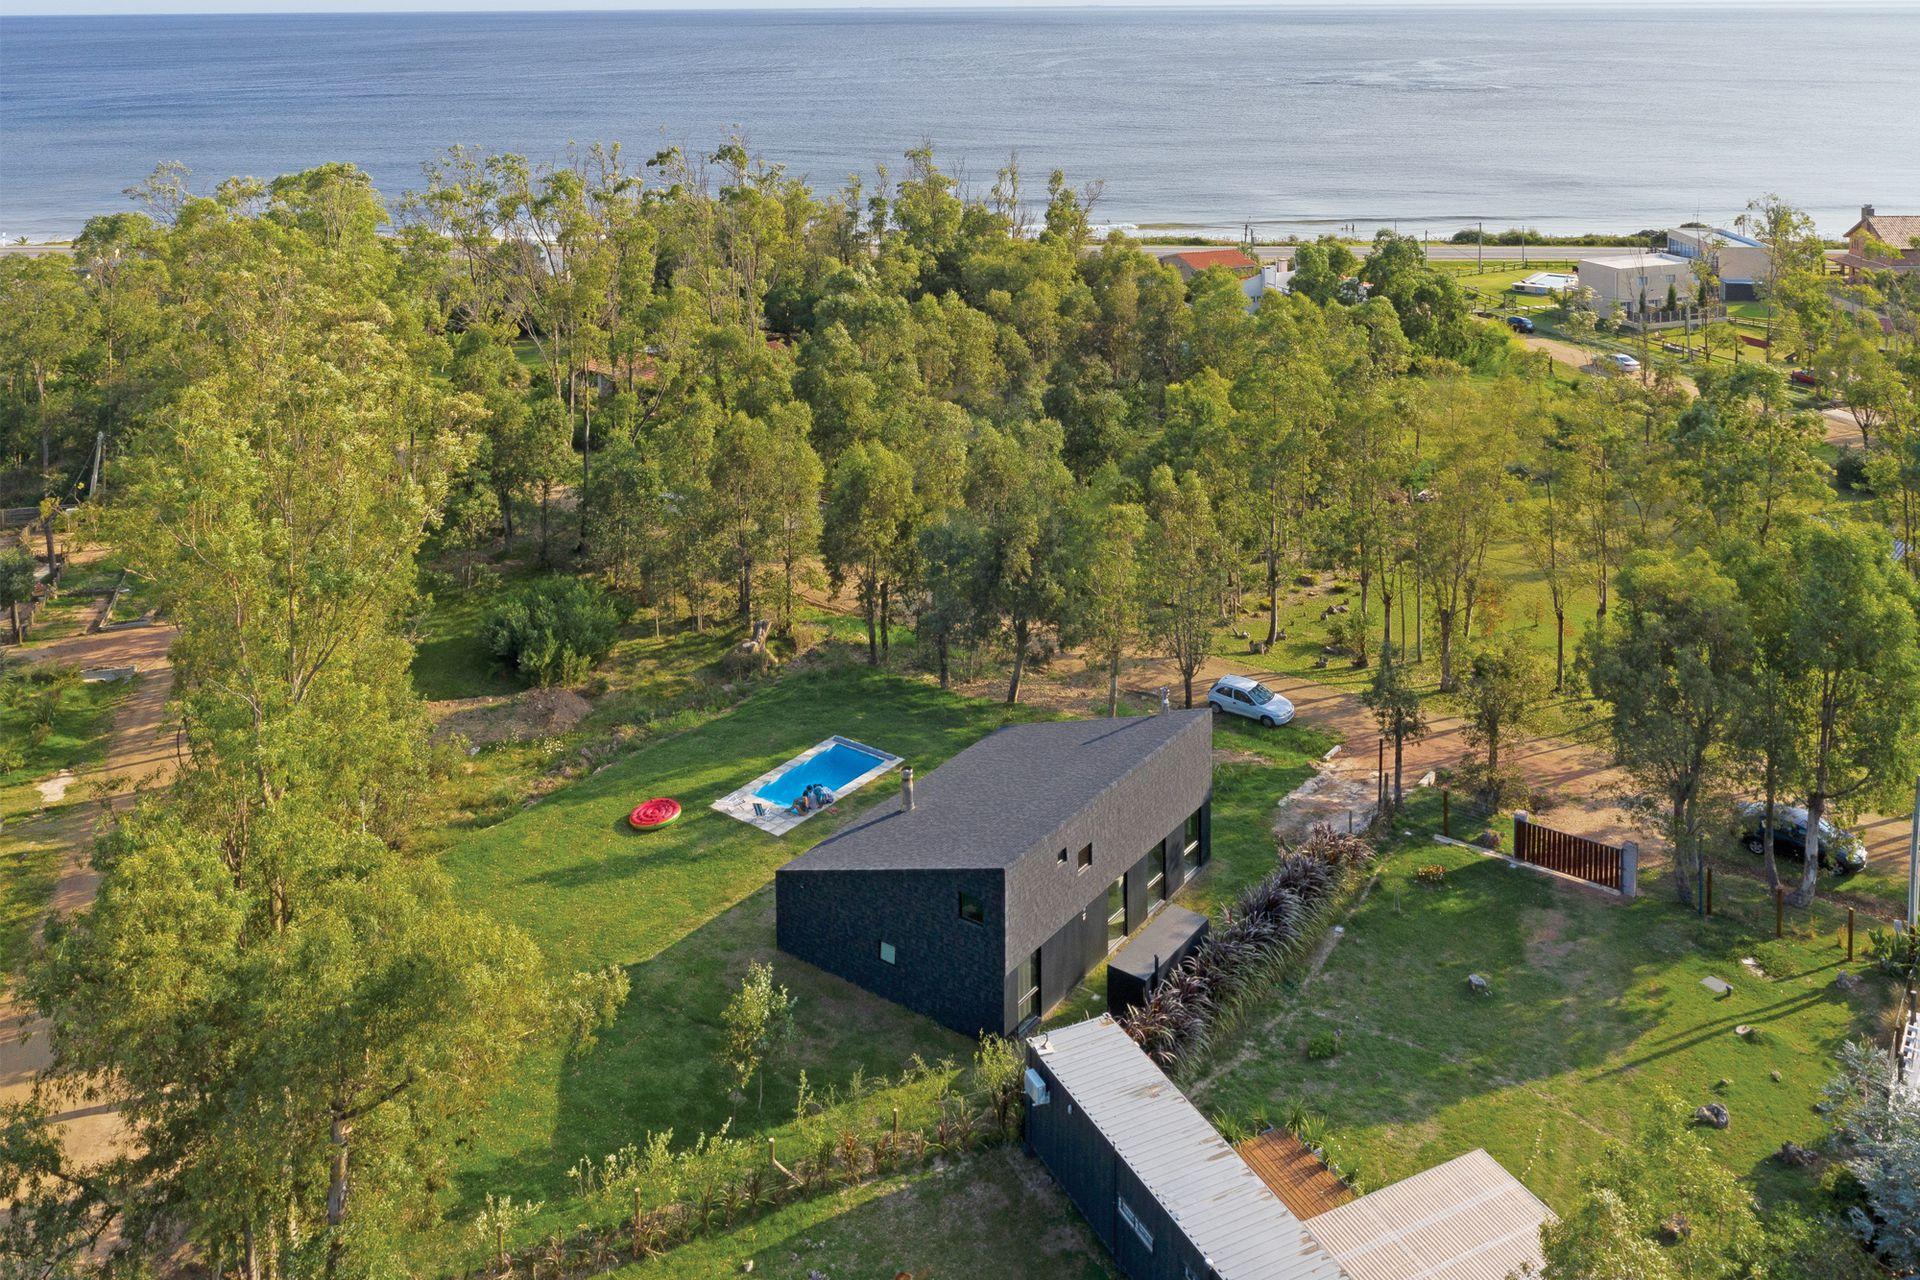 La vista aérea muestra la disposición de la casa en el lote: recostada hacia sus linderos, se abre al jardín con pileta de fibra y solado de baldosas atérmicas. Más allá, la vista a un triángulo de espacio público arbolado.